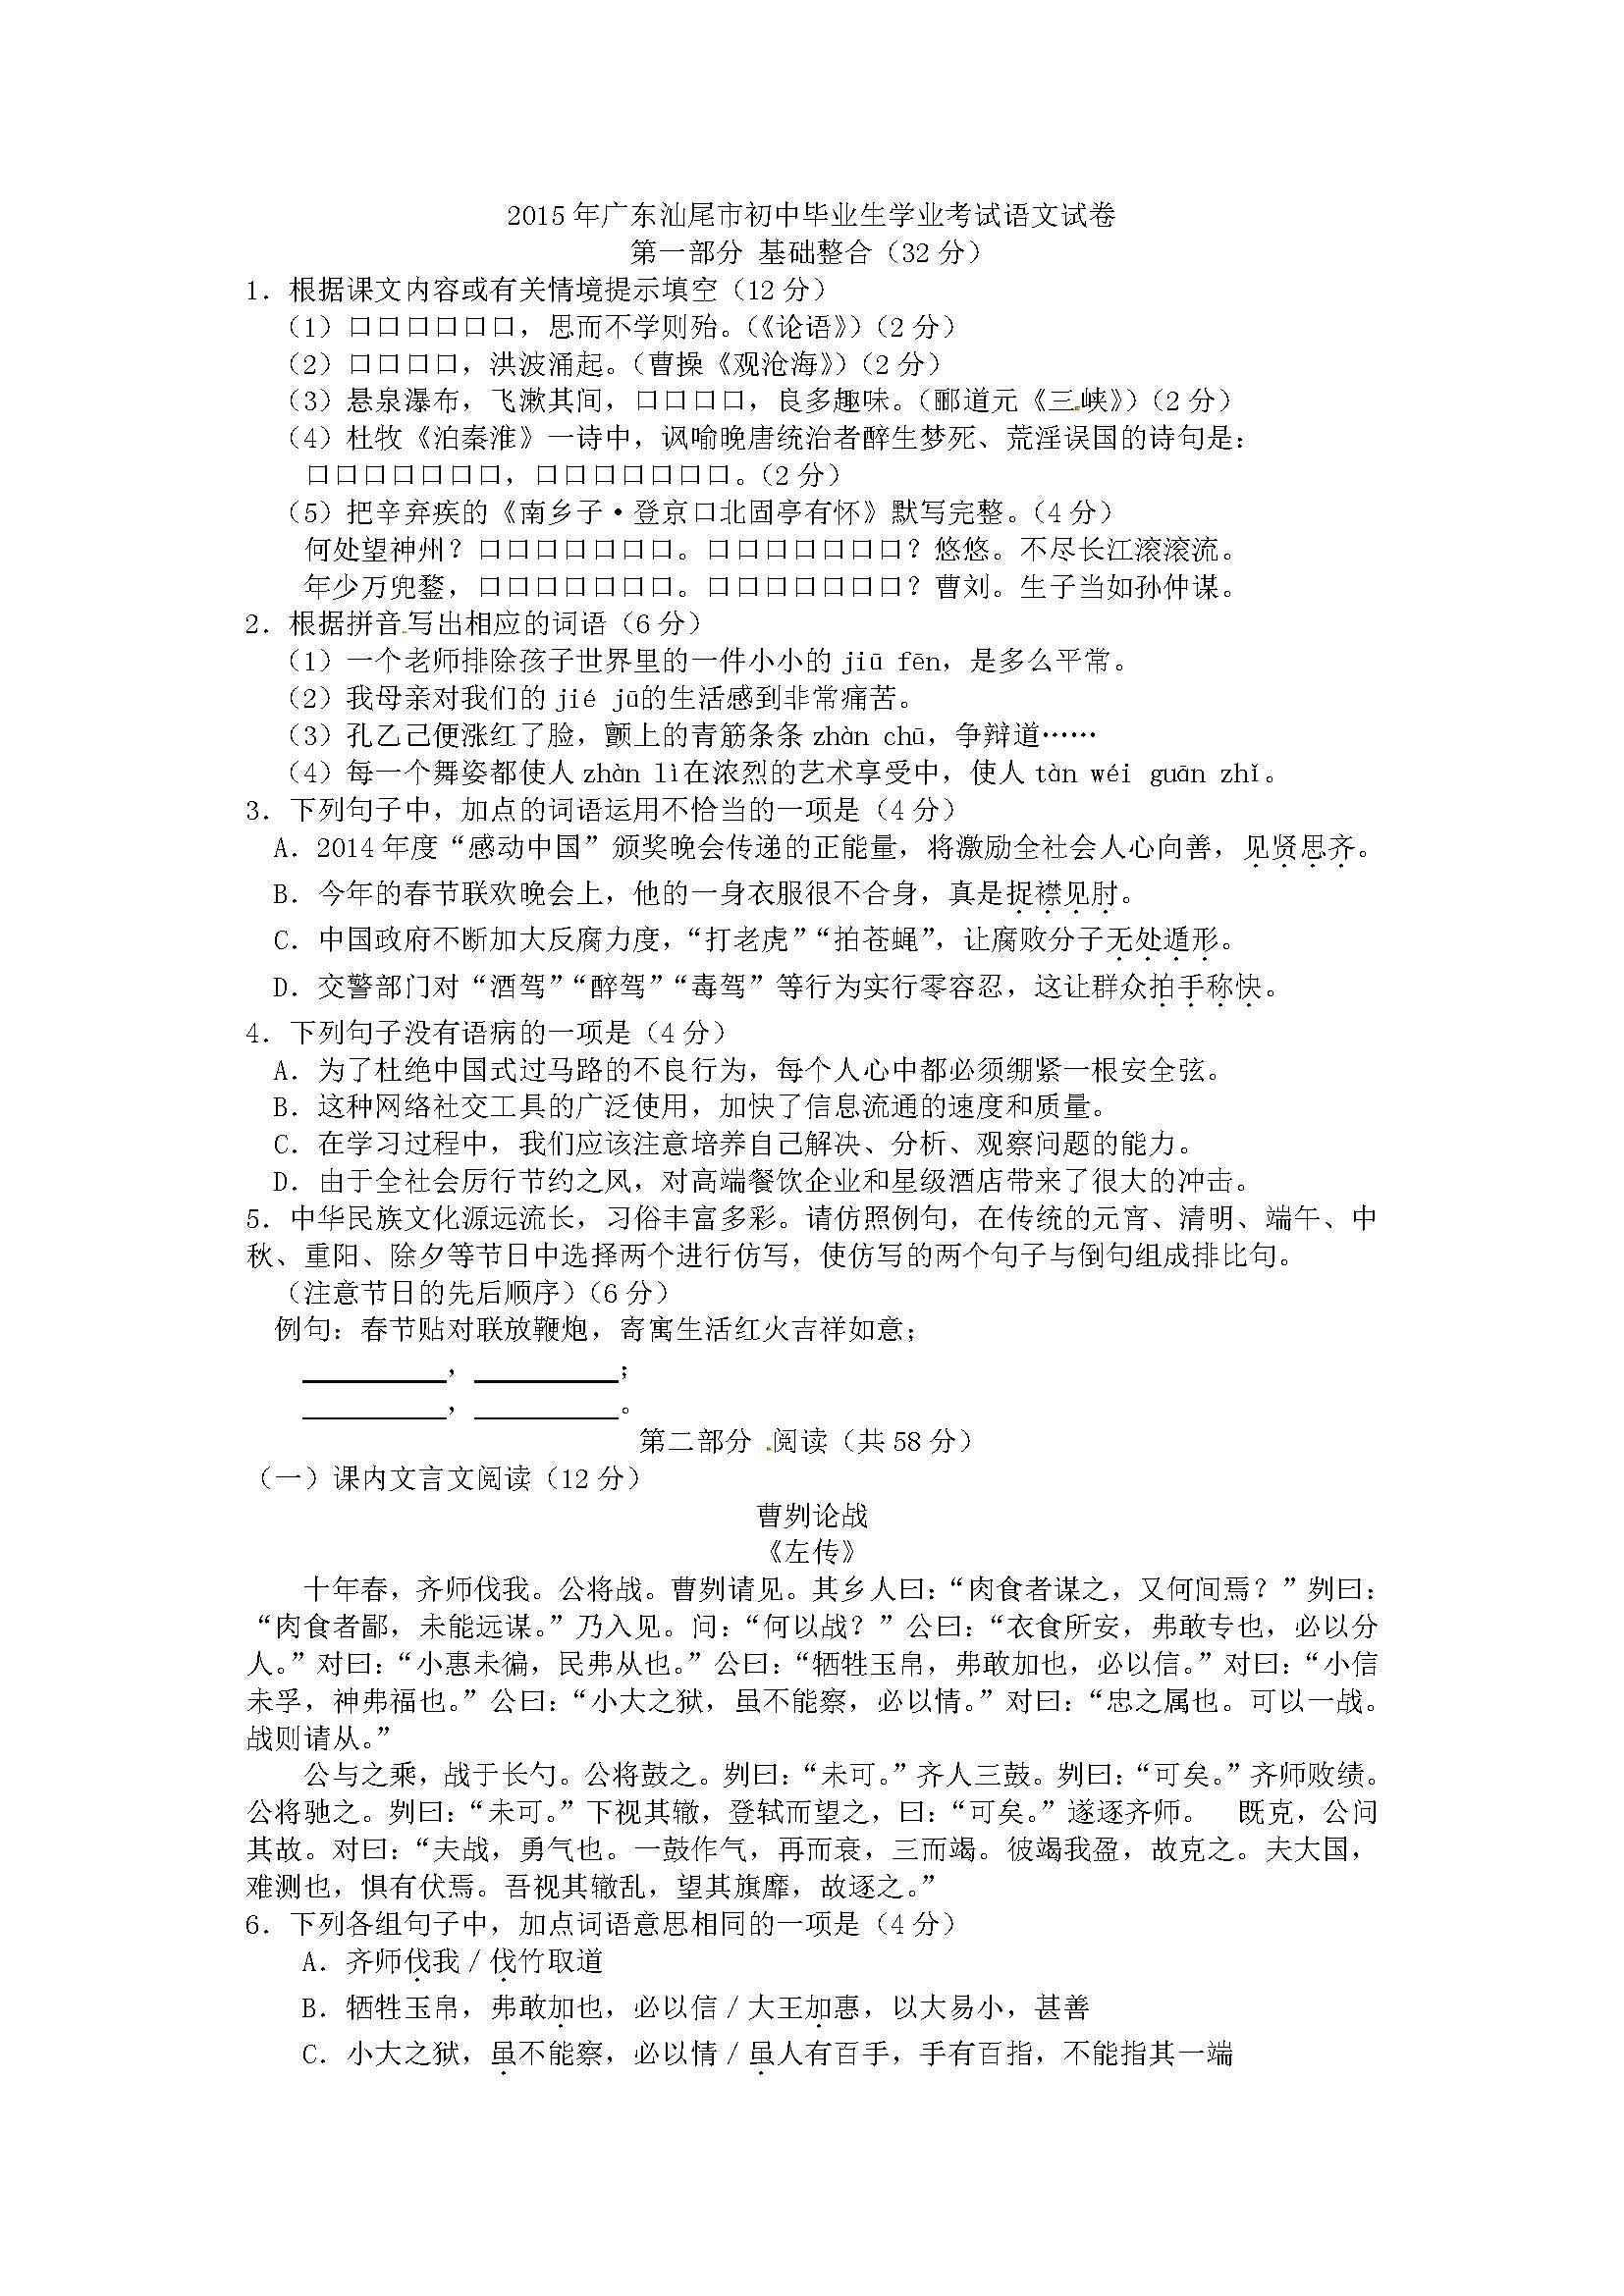 2015汕尾中考语文试卷及答案(图片版)